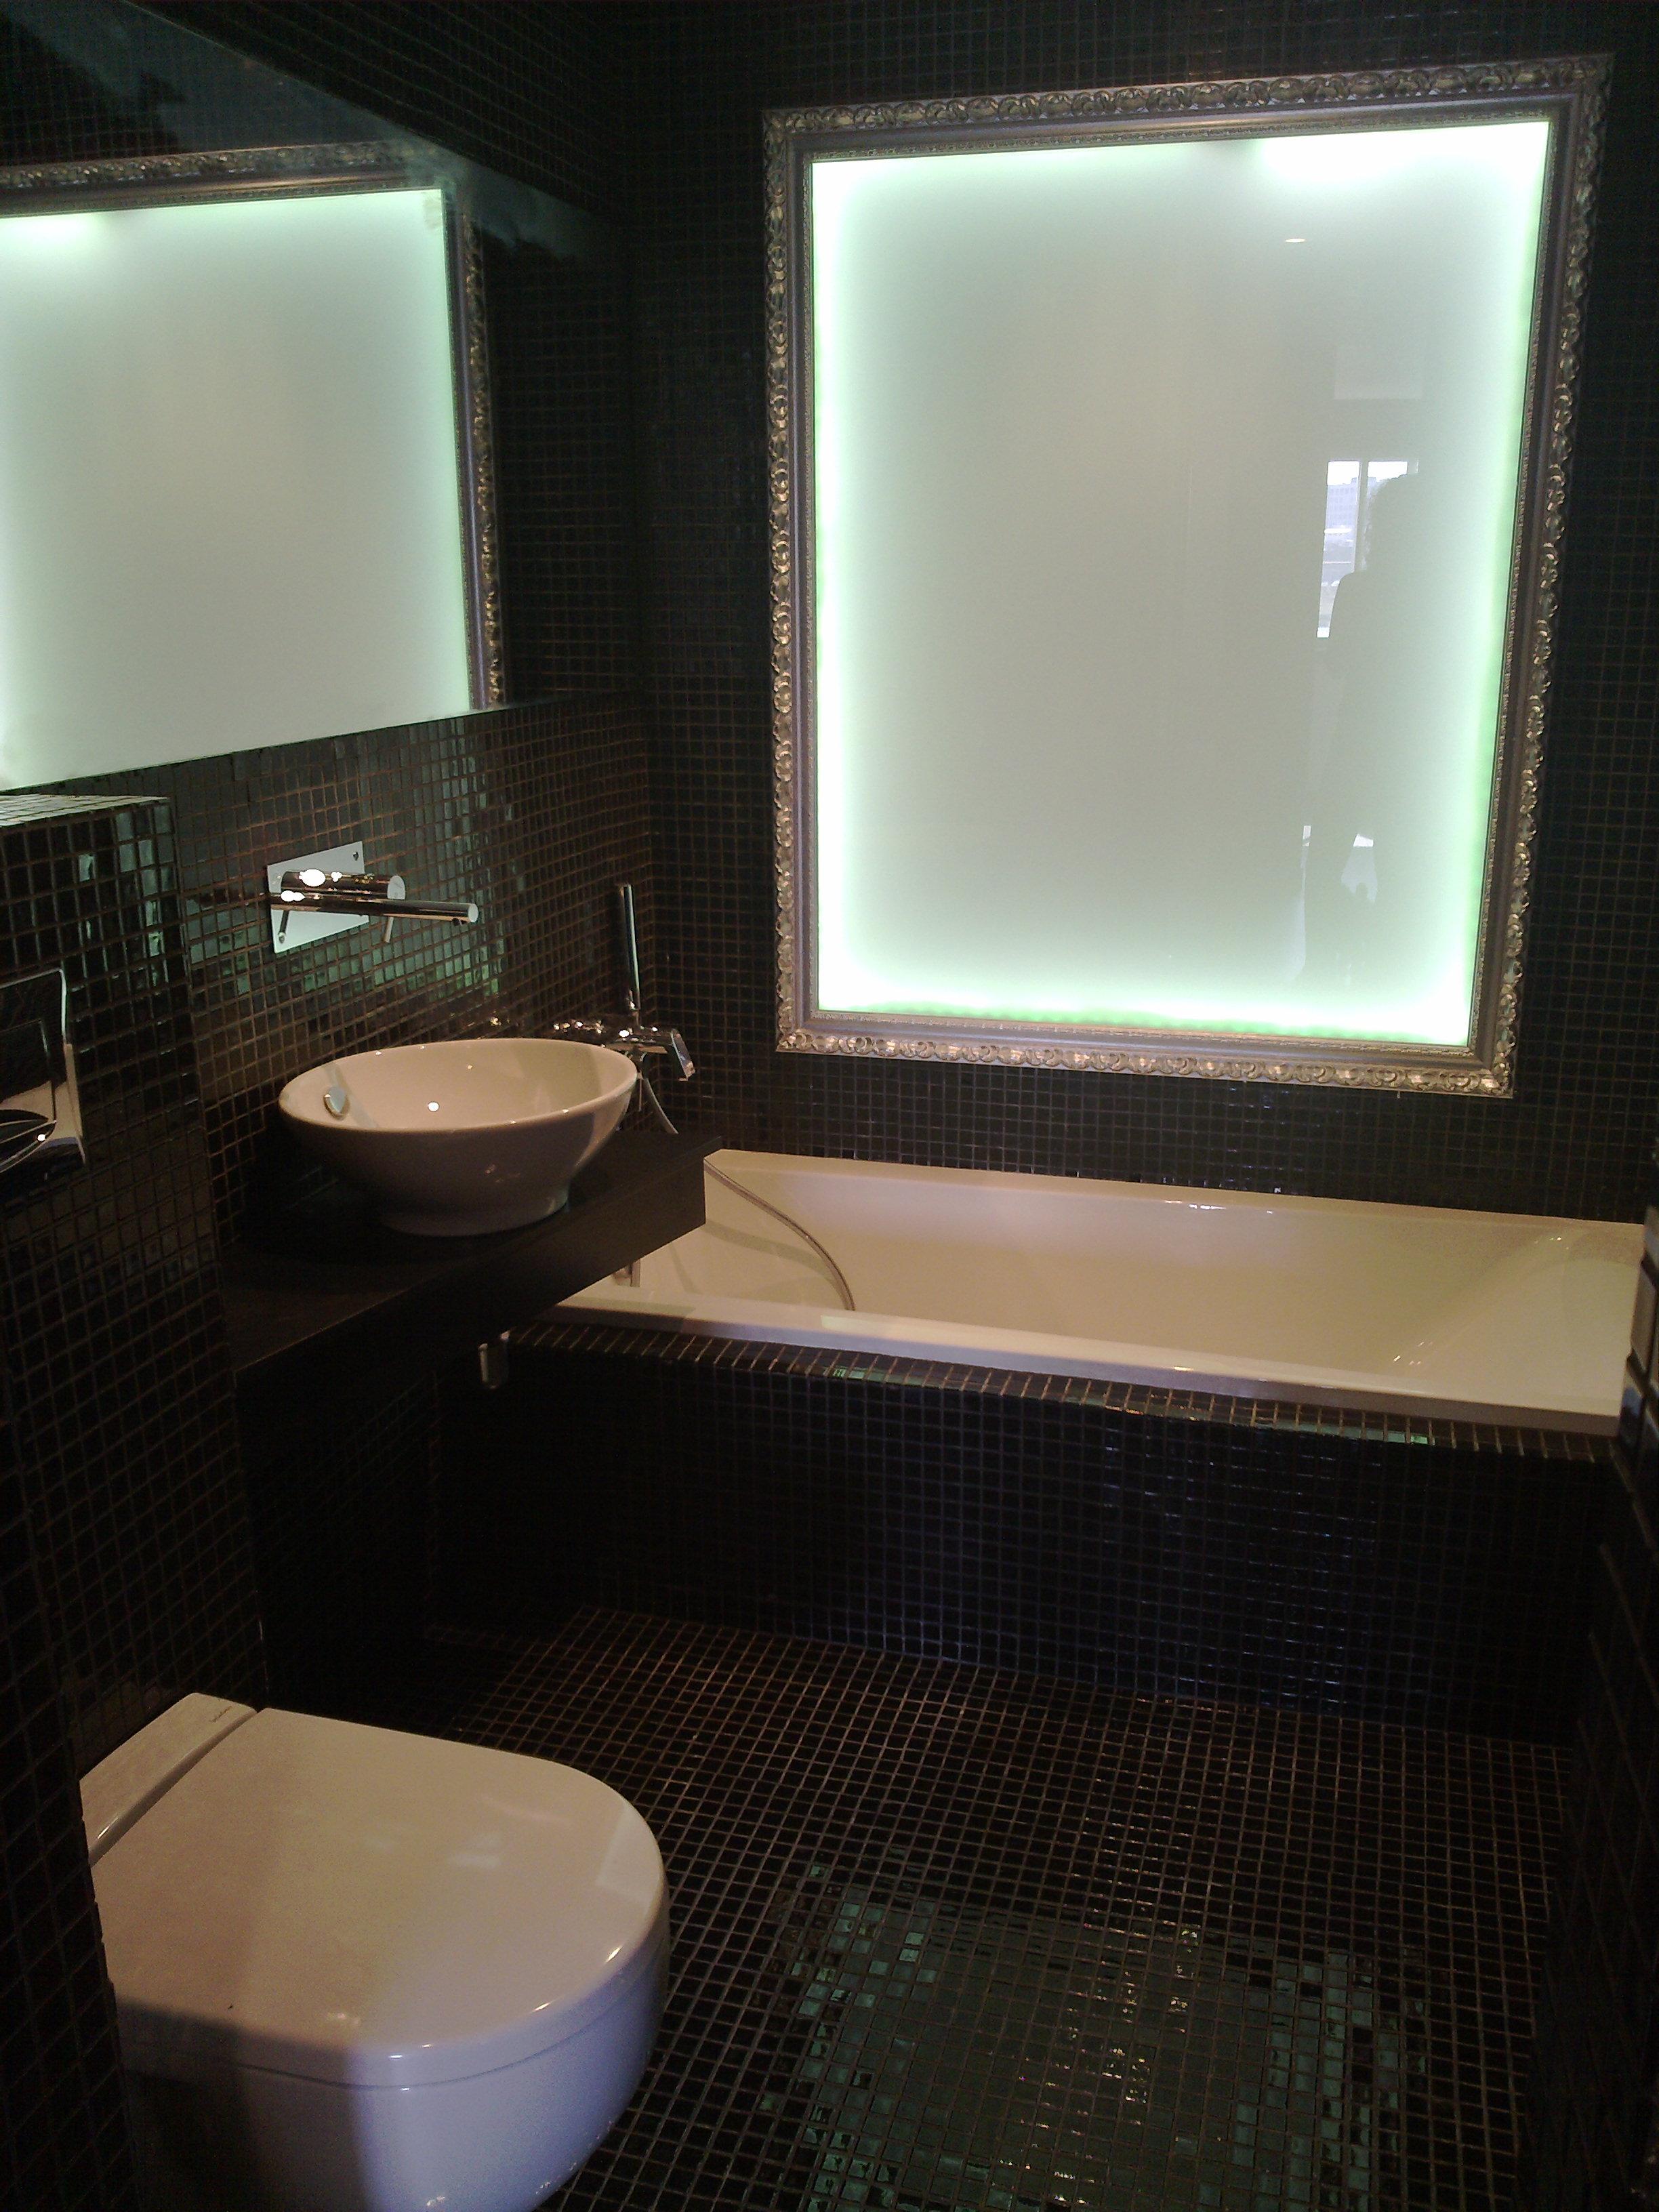 En la imagen apreciamos la falsa ventana retroiluminada que se puede cambiar de color  y abajo la bañera.